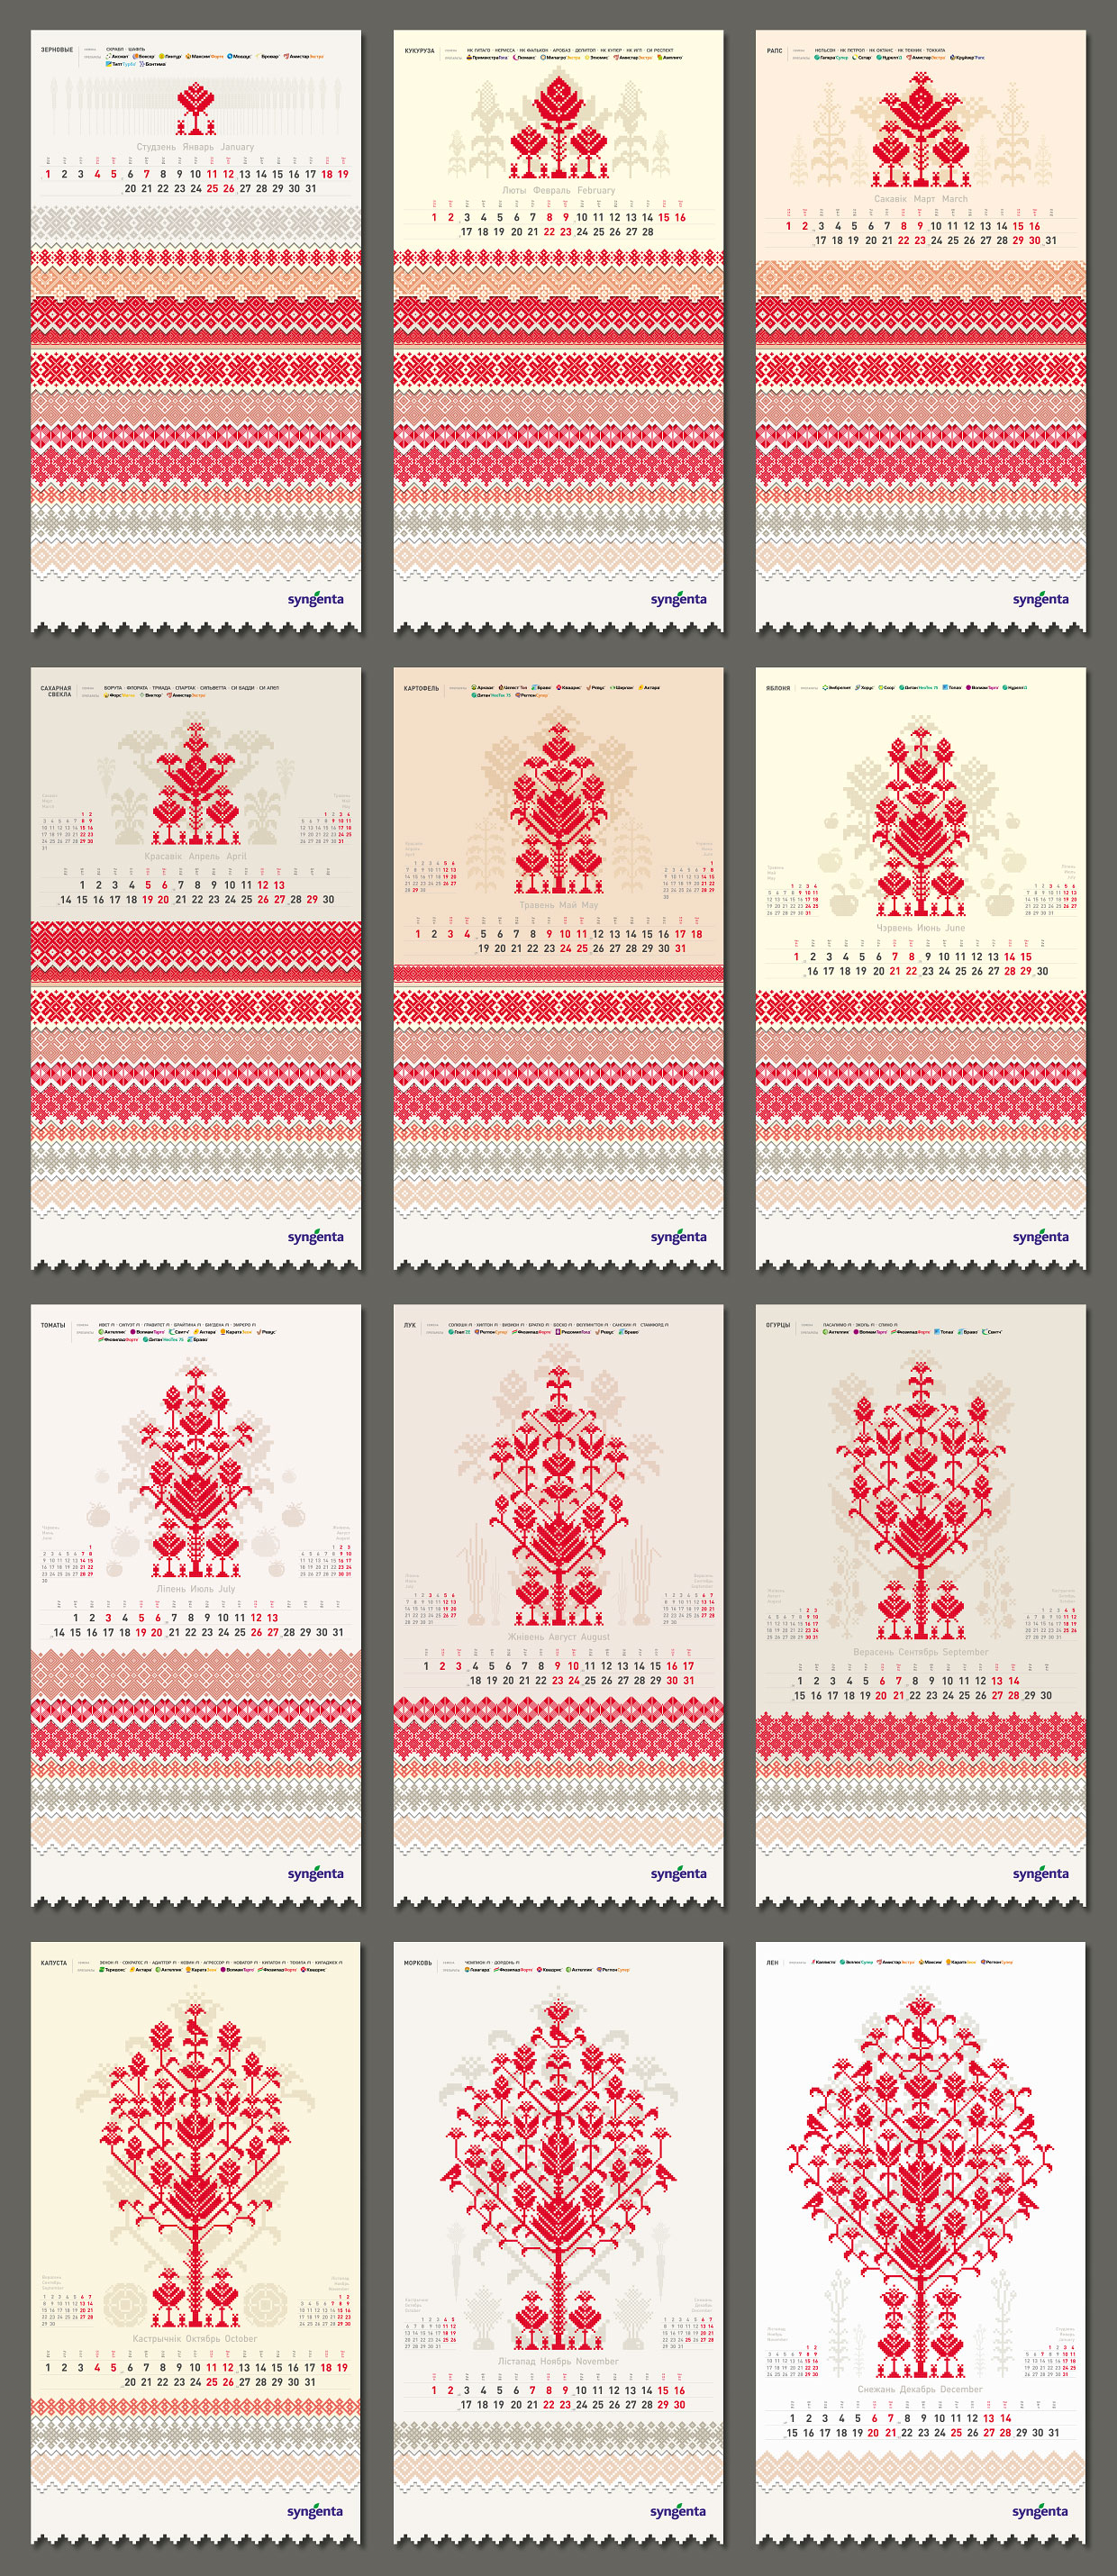 Syngenta_2014_Calendar_All